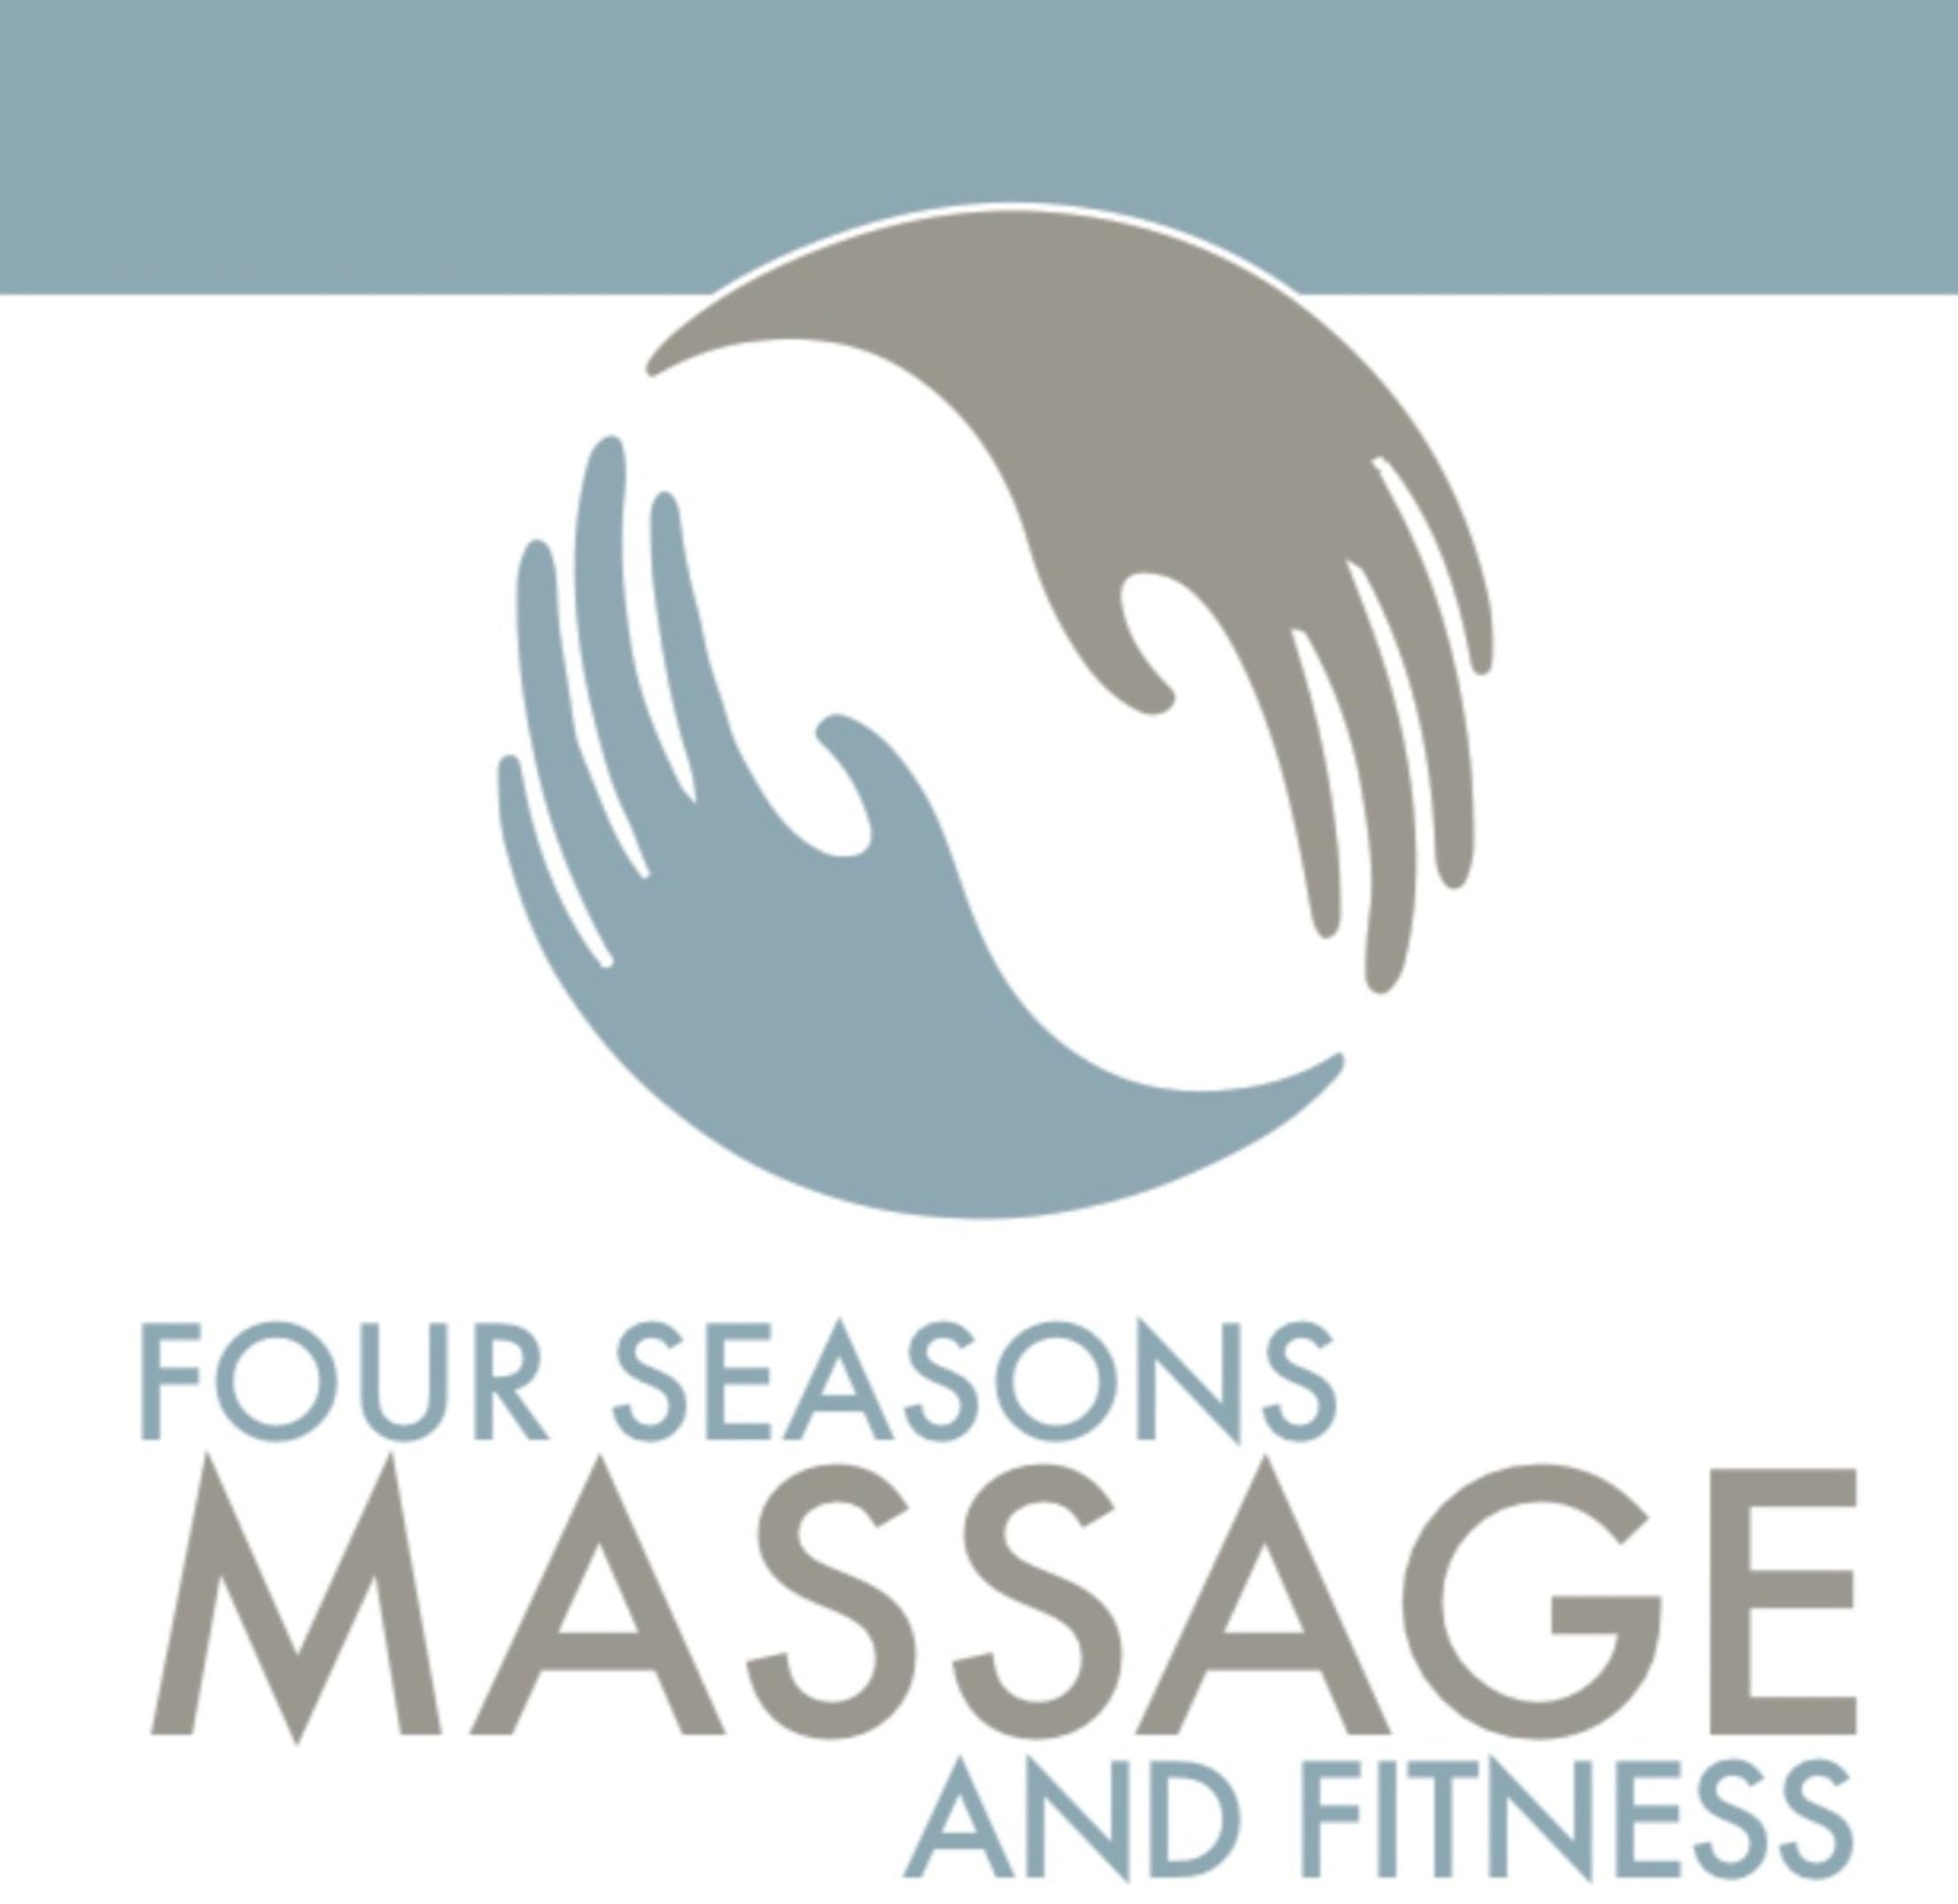 fourseasonsmassagefitness.com